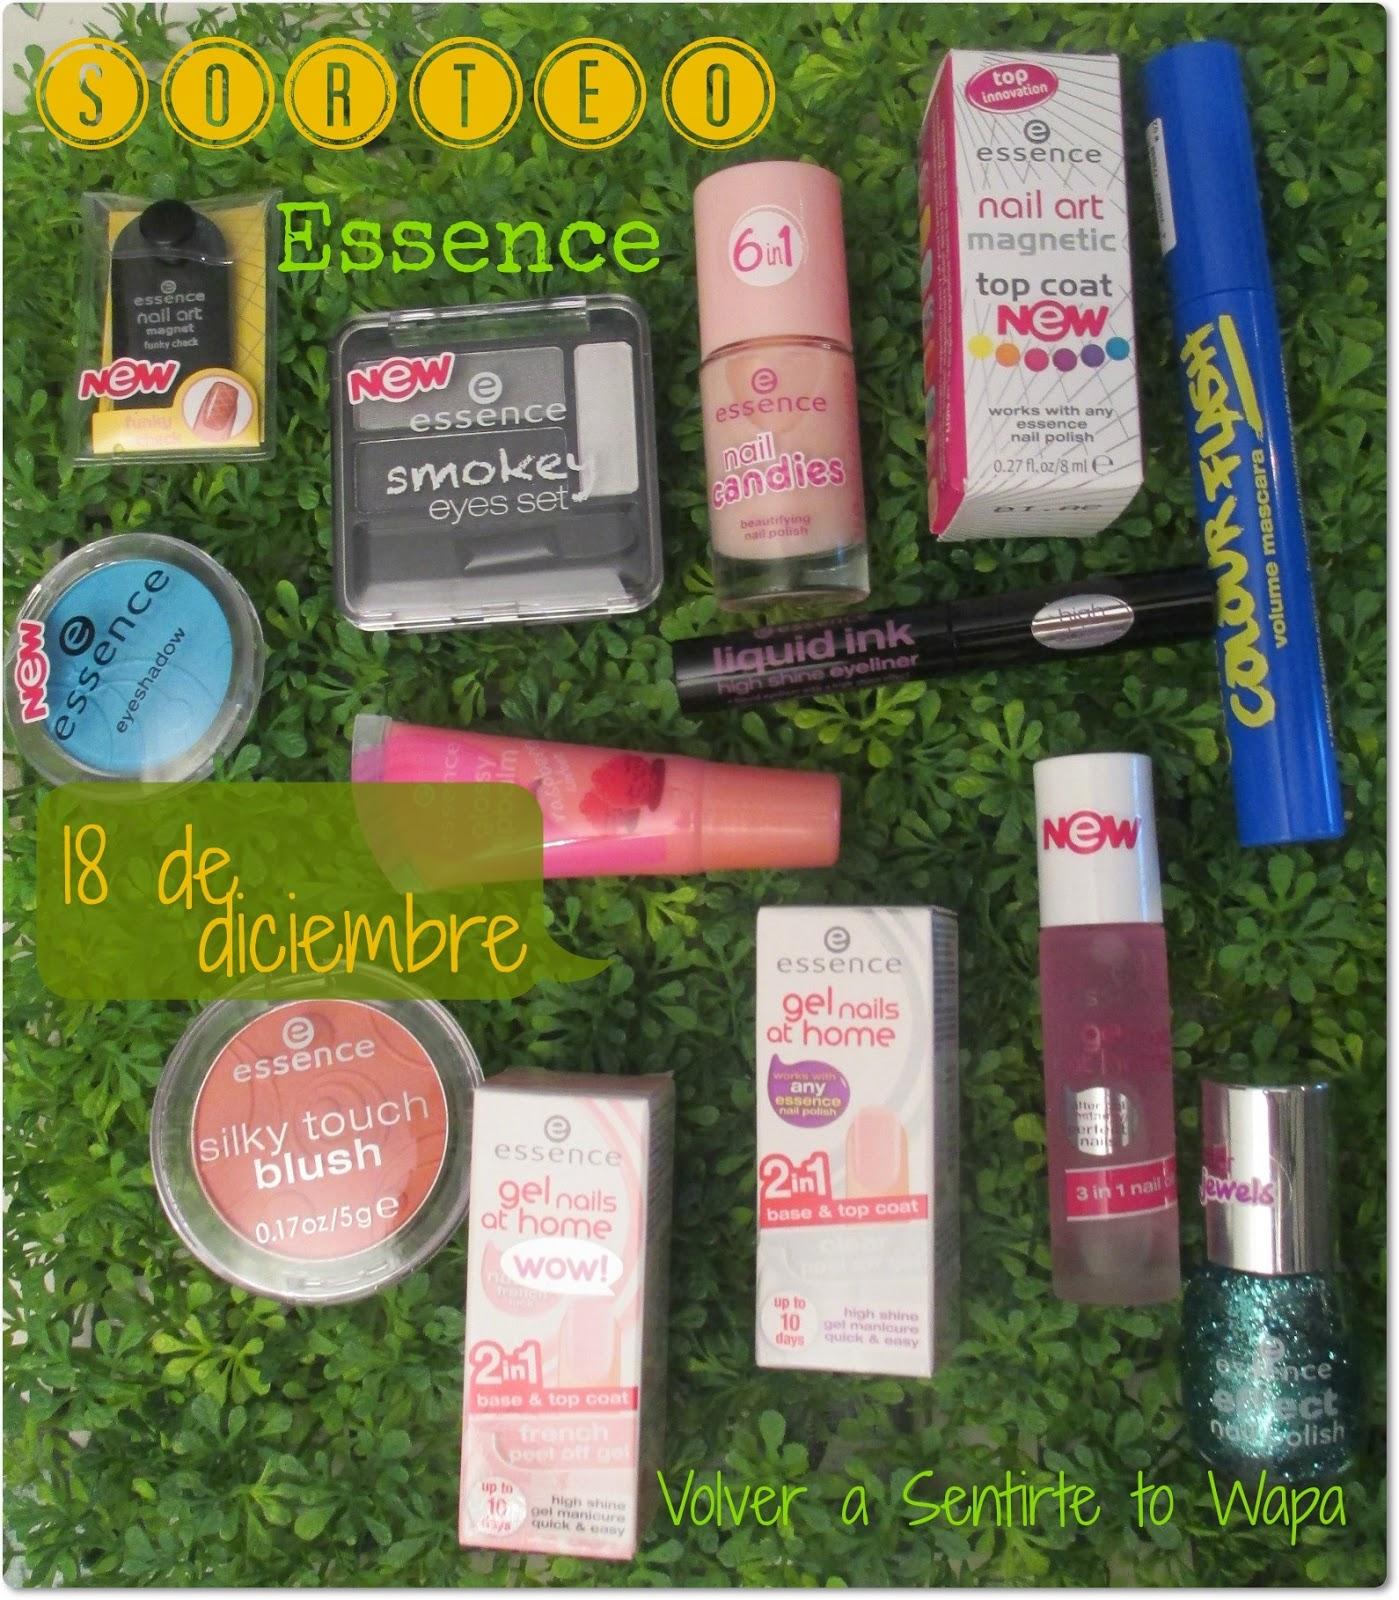 SORTEO 'Hazte con 13 productos de Essence' - Volver a Sentirte to Wapa